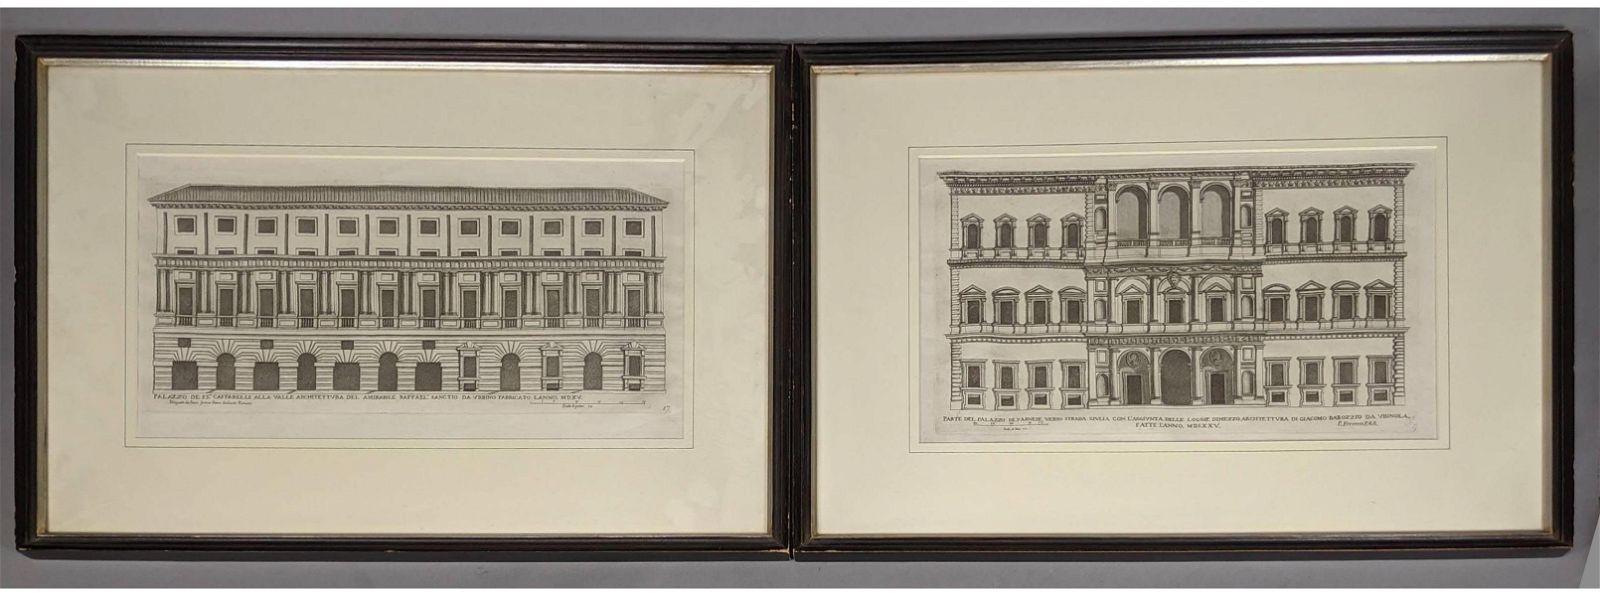 2pc Architectural Engravings Ferrario et Falada,